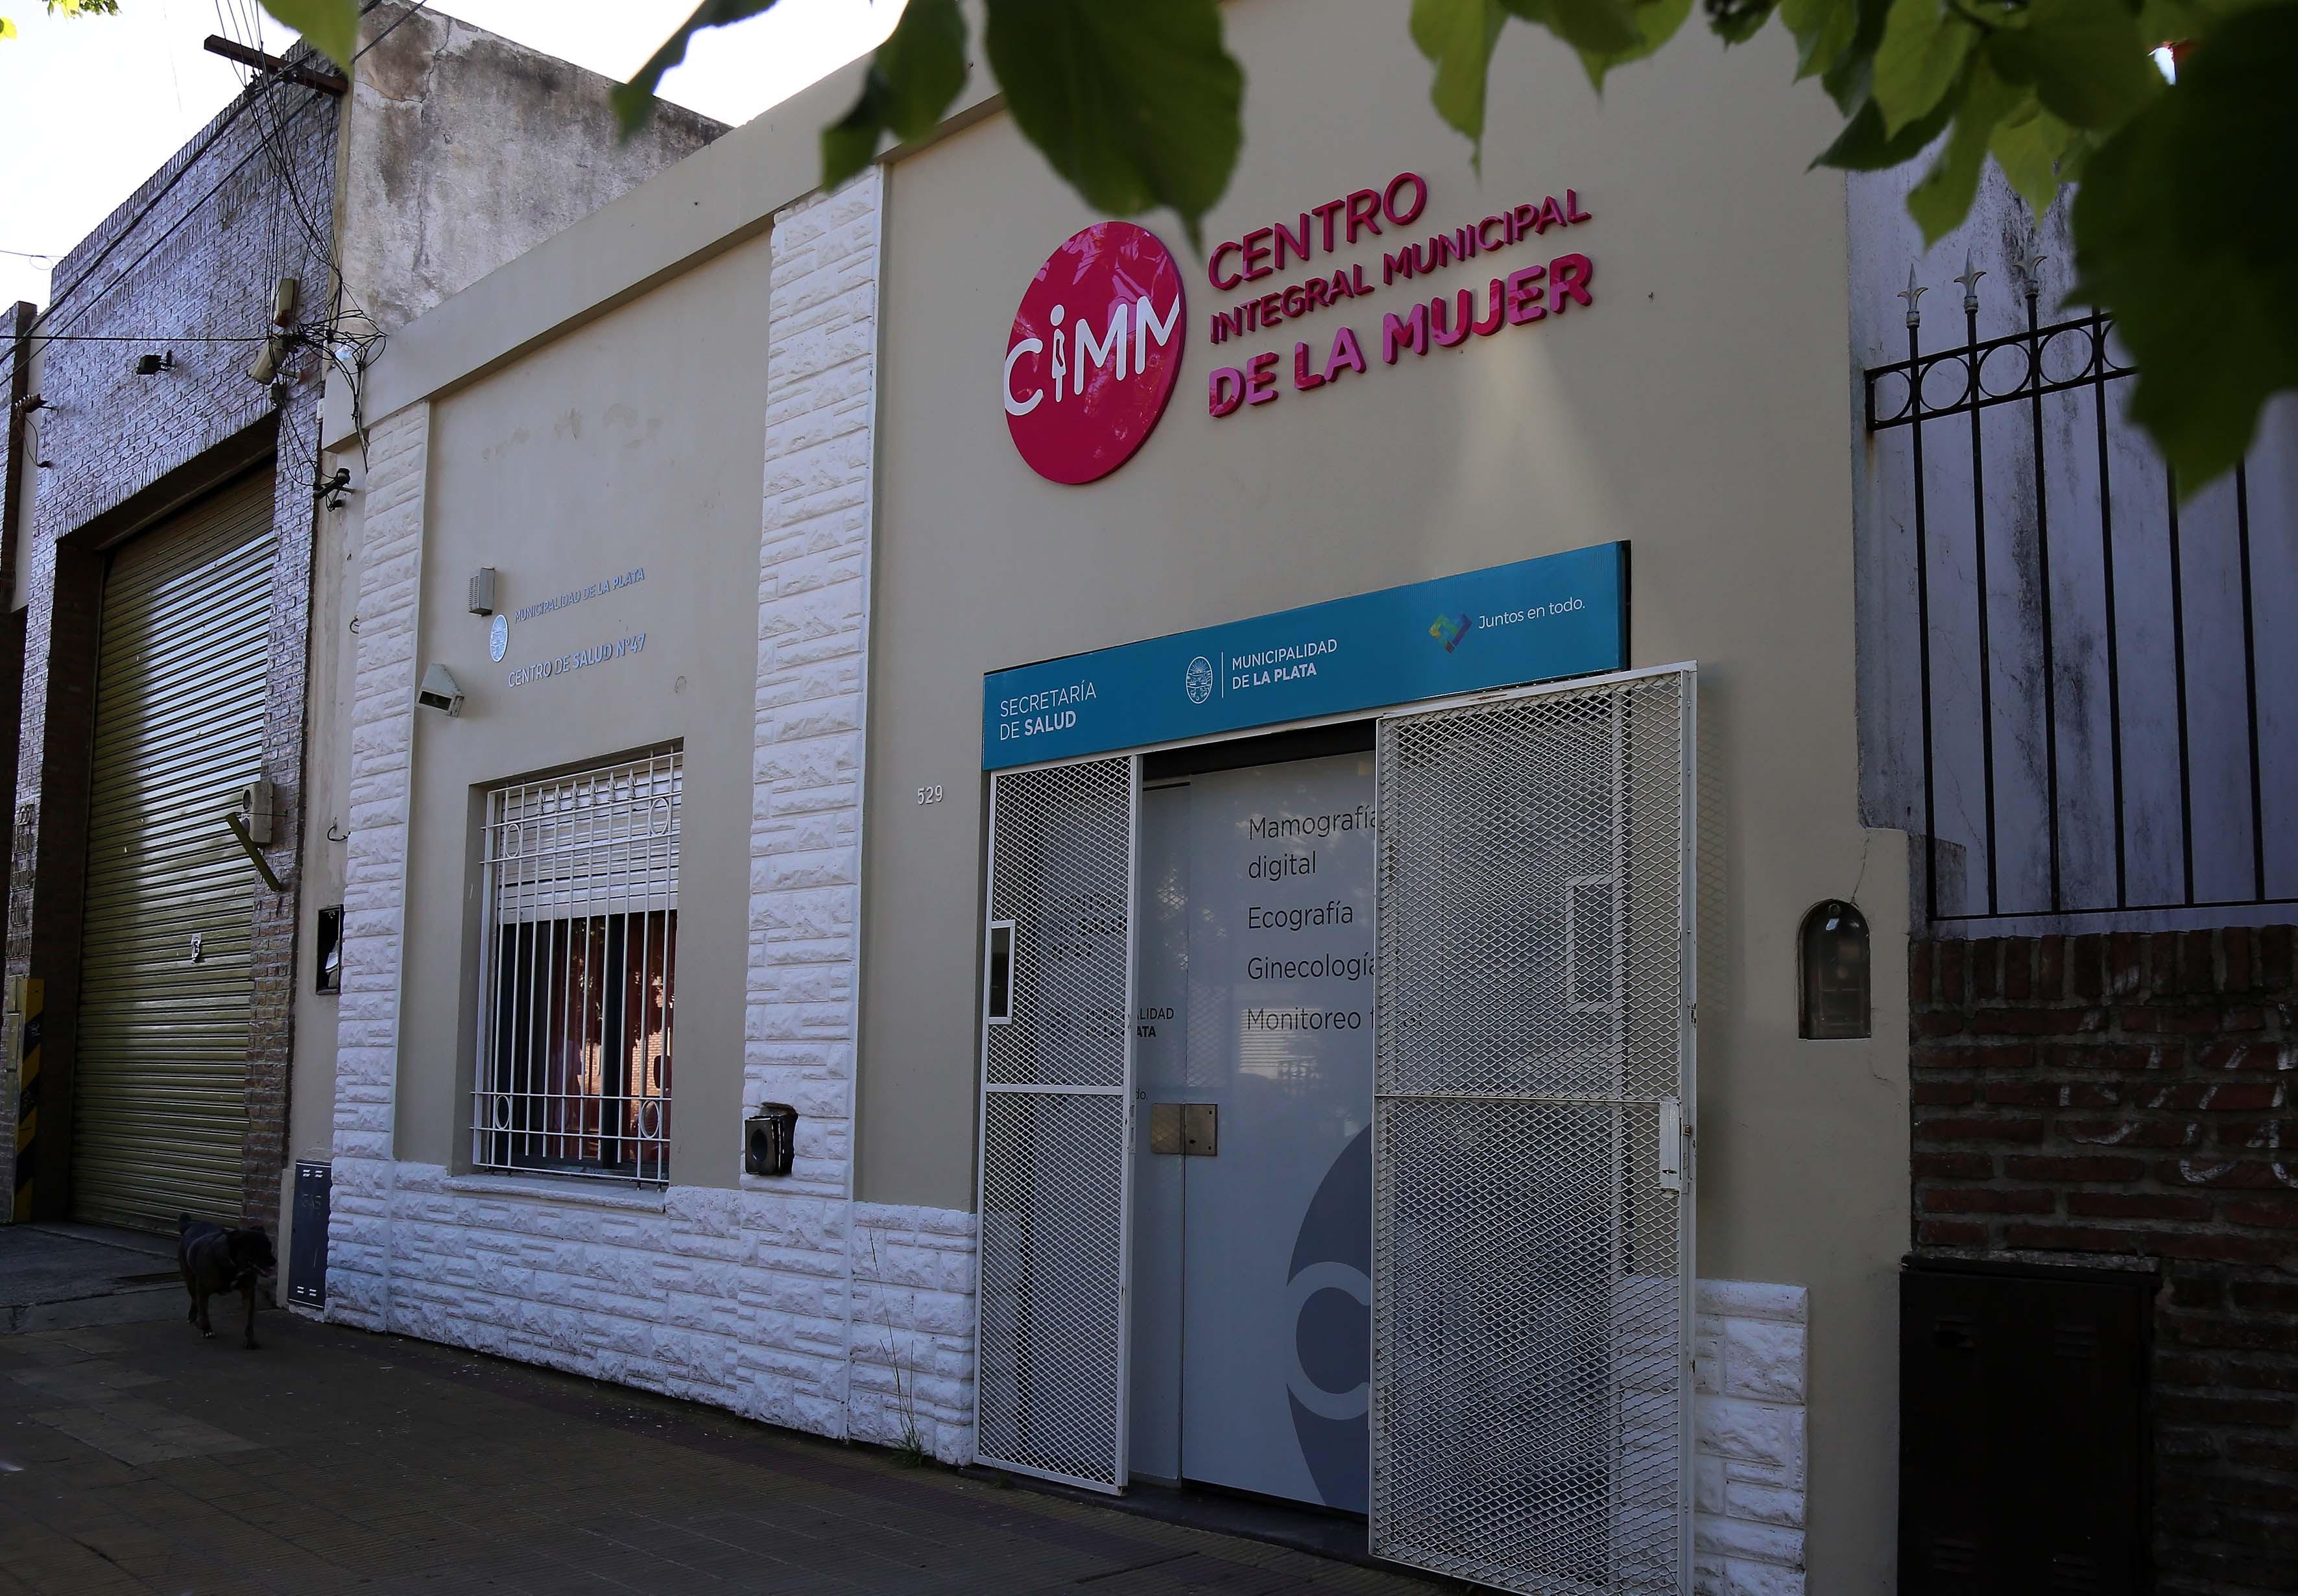 Se inauguró en La Plata el primer Centro Municipal de Atención Integral para la Mujer